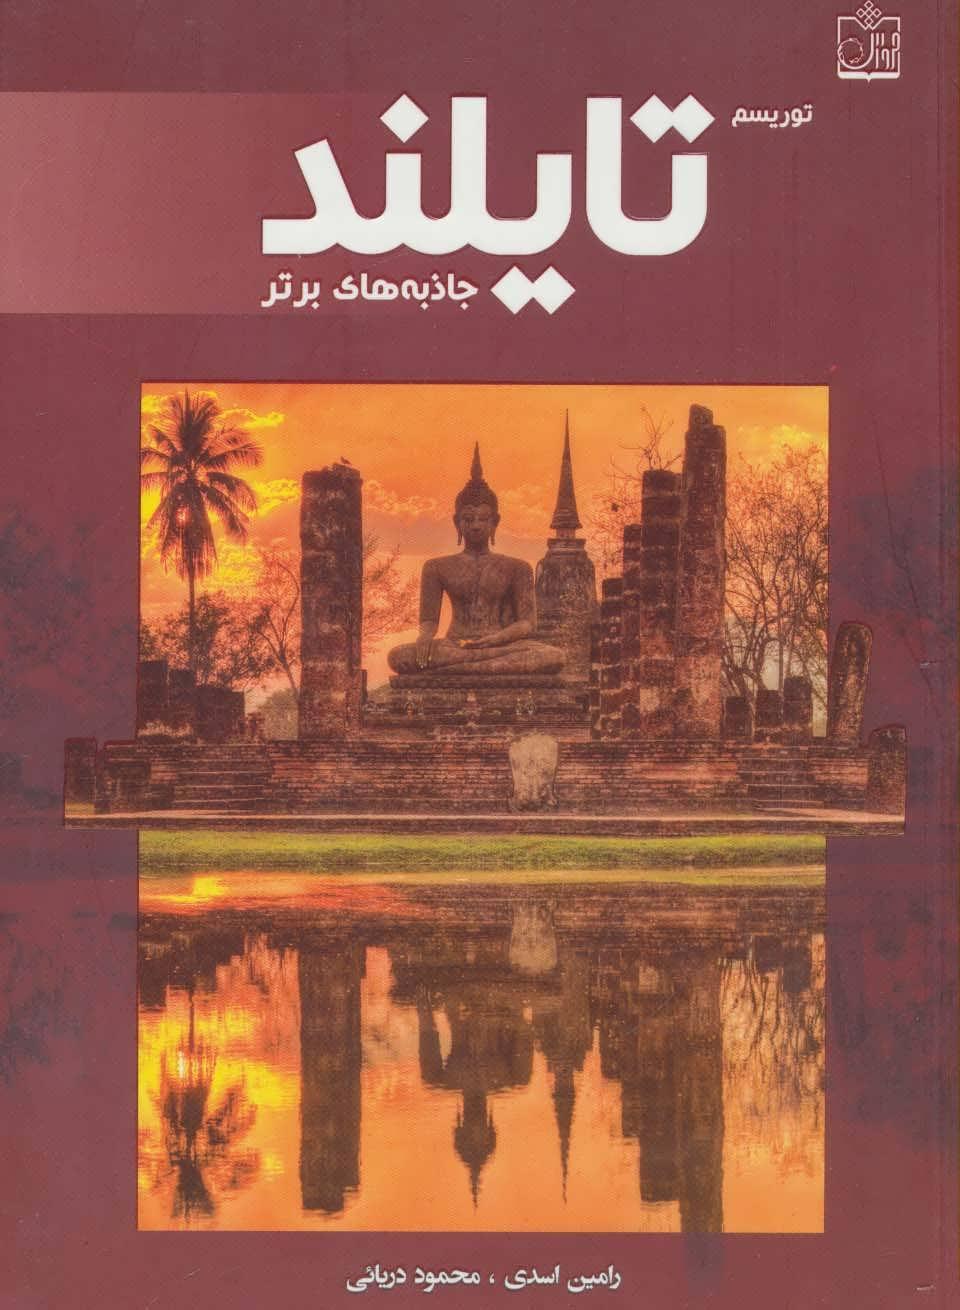 کتاب توریسم تایلند